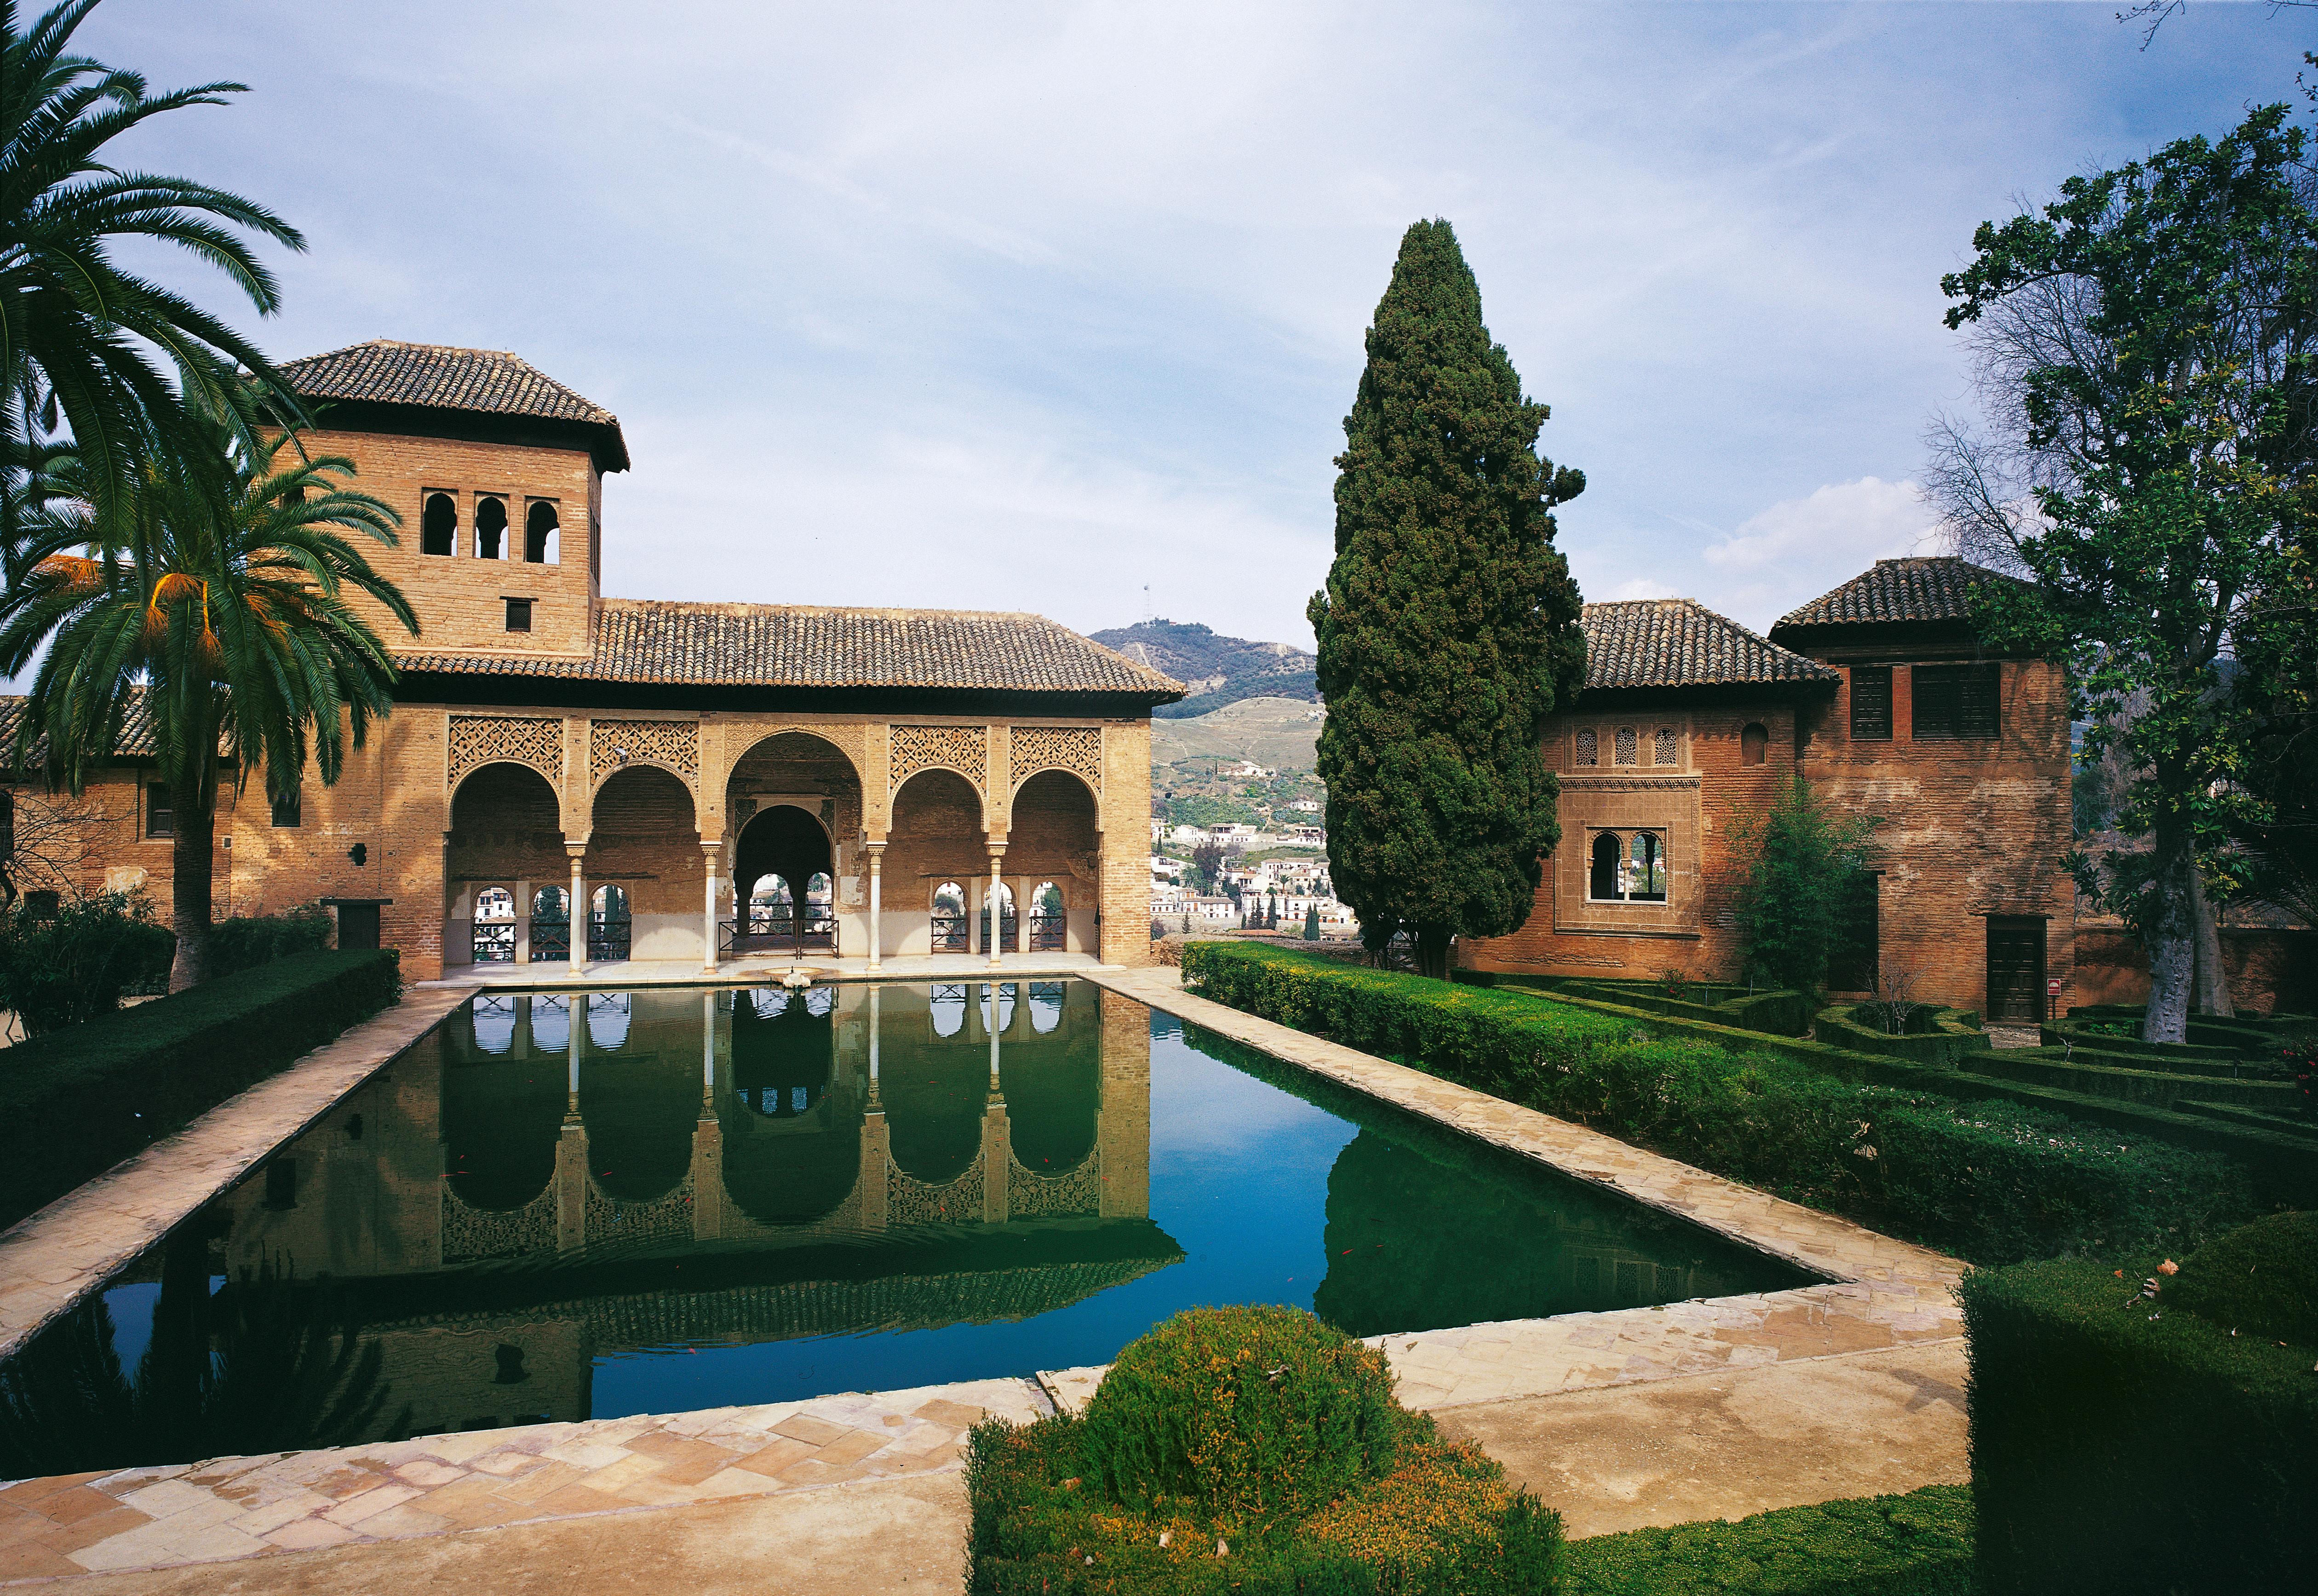 Photo gallery - Residencia los jardines granada ...